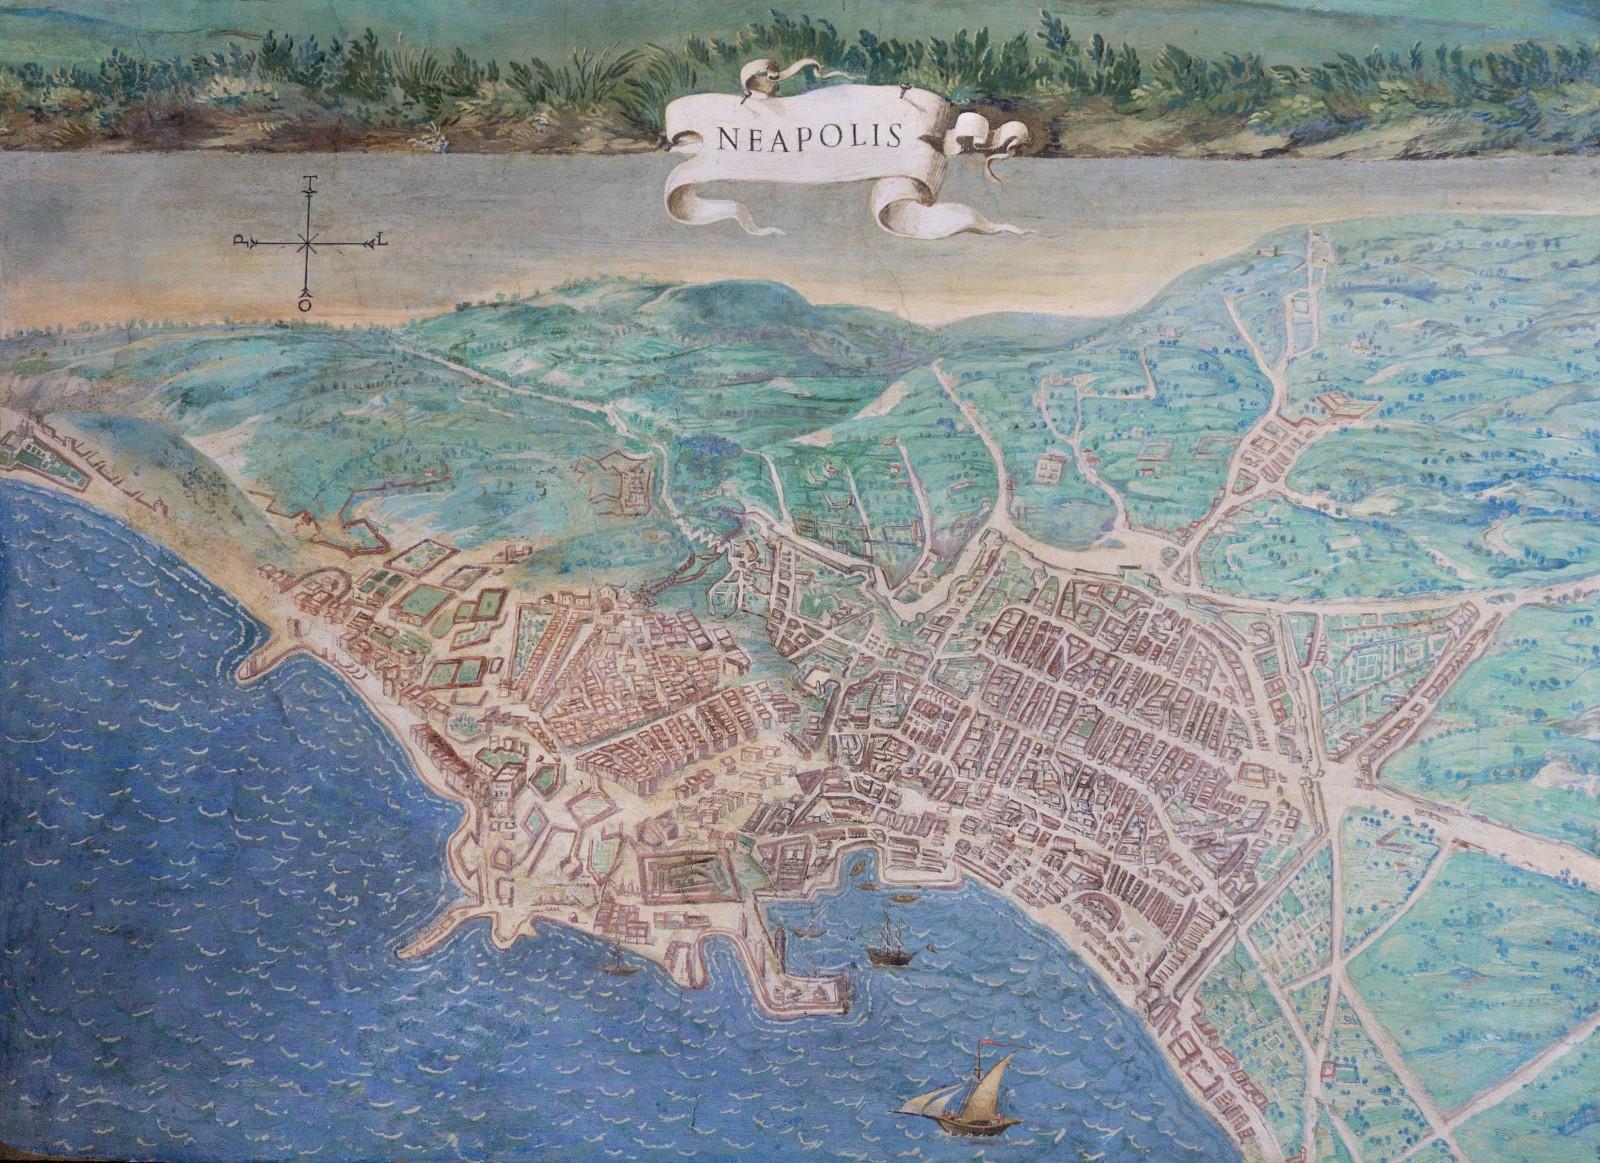 Carte de Naples, musée du Vatican